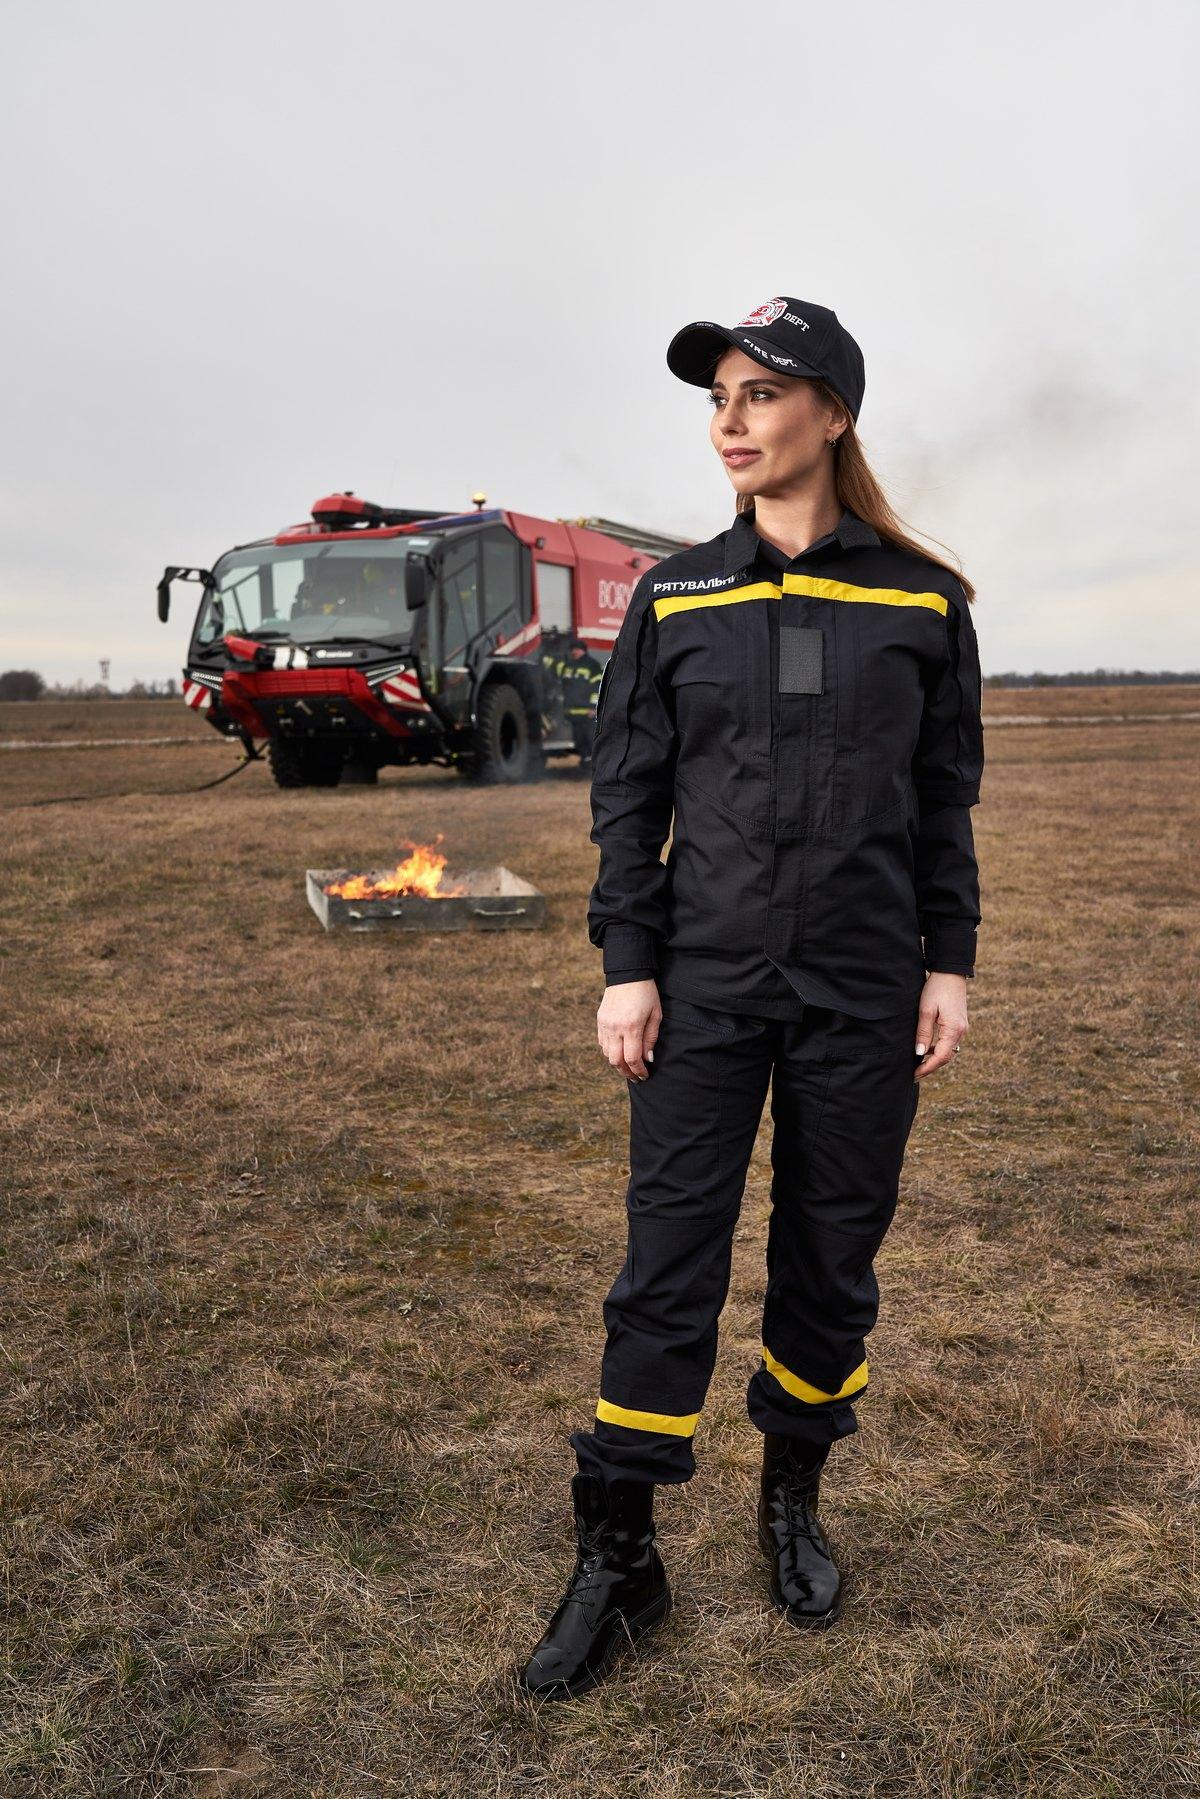 Жінки, які працюють в аеропорту «Бориспіль», хто вони? (частина 2) -  - aHZdf83FQrIVhs6n9vO 5Q